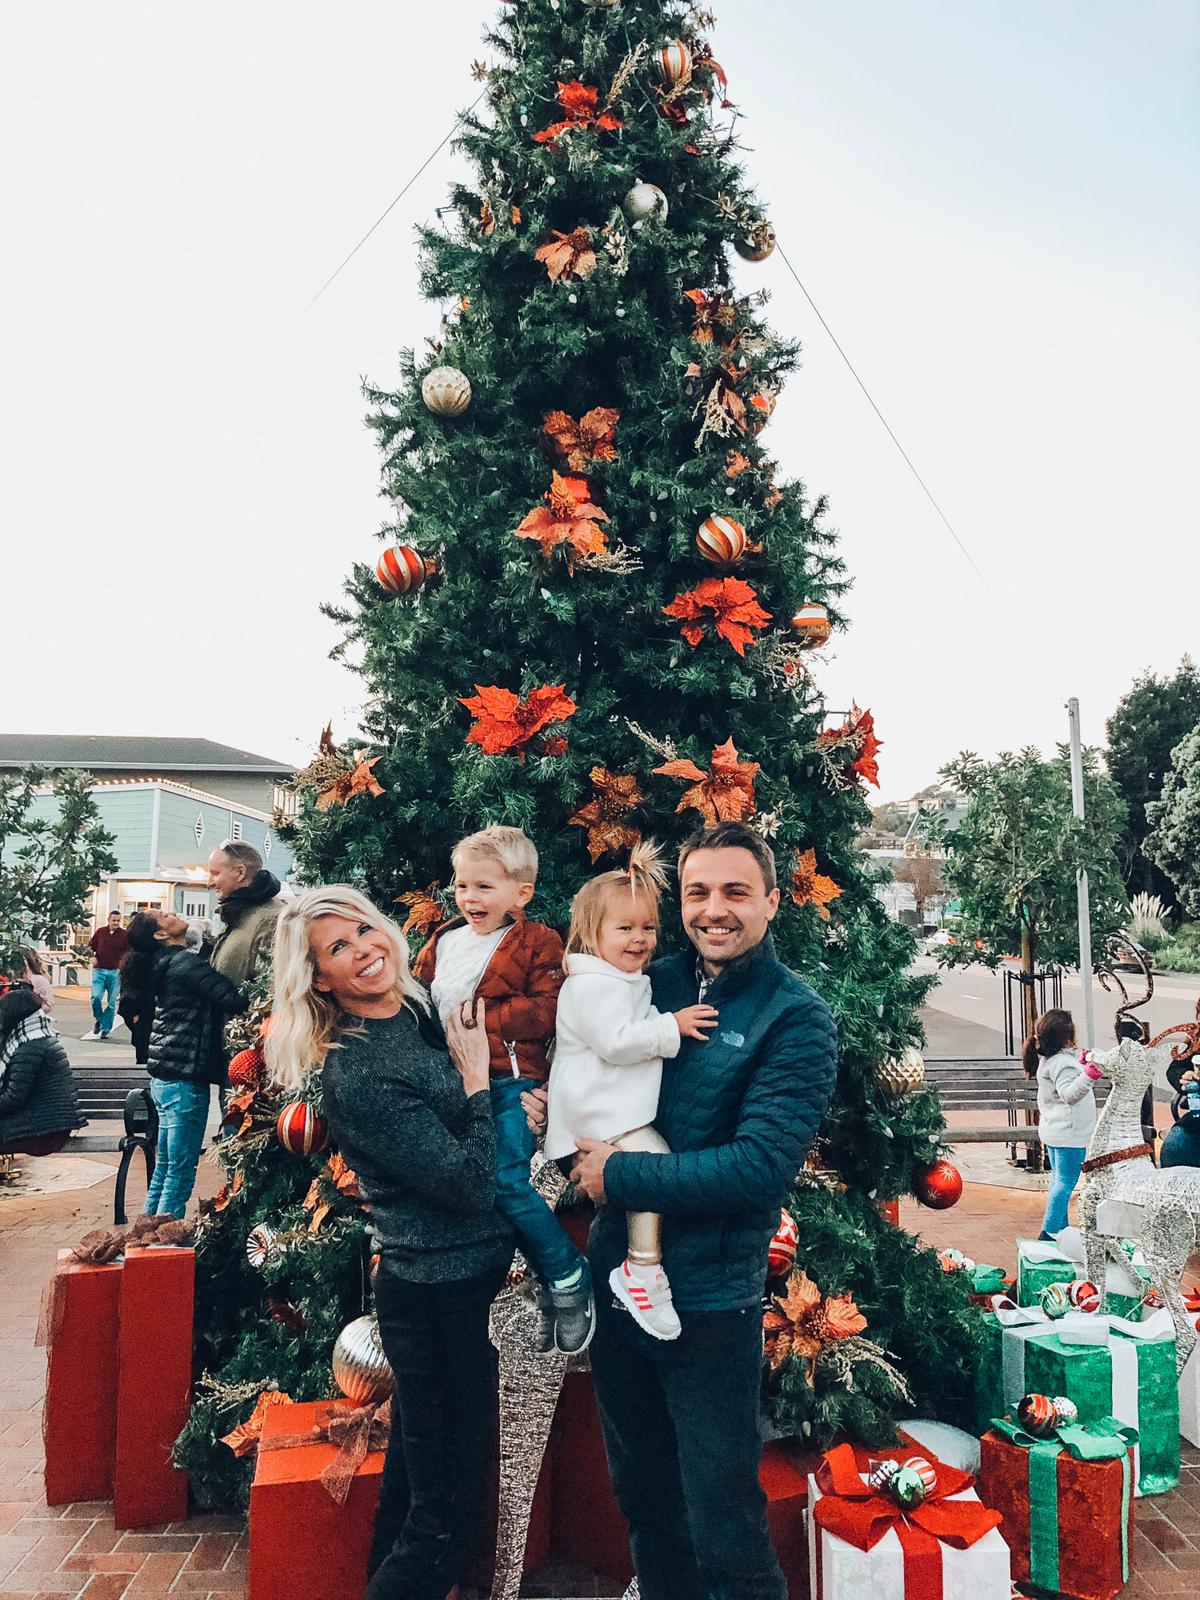 servino-tiburon-christmas-local-festive-family-time-18.jpg